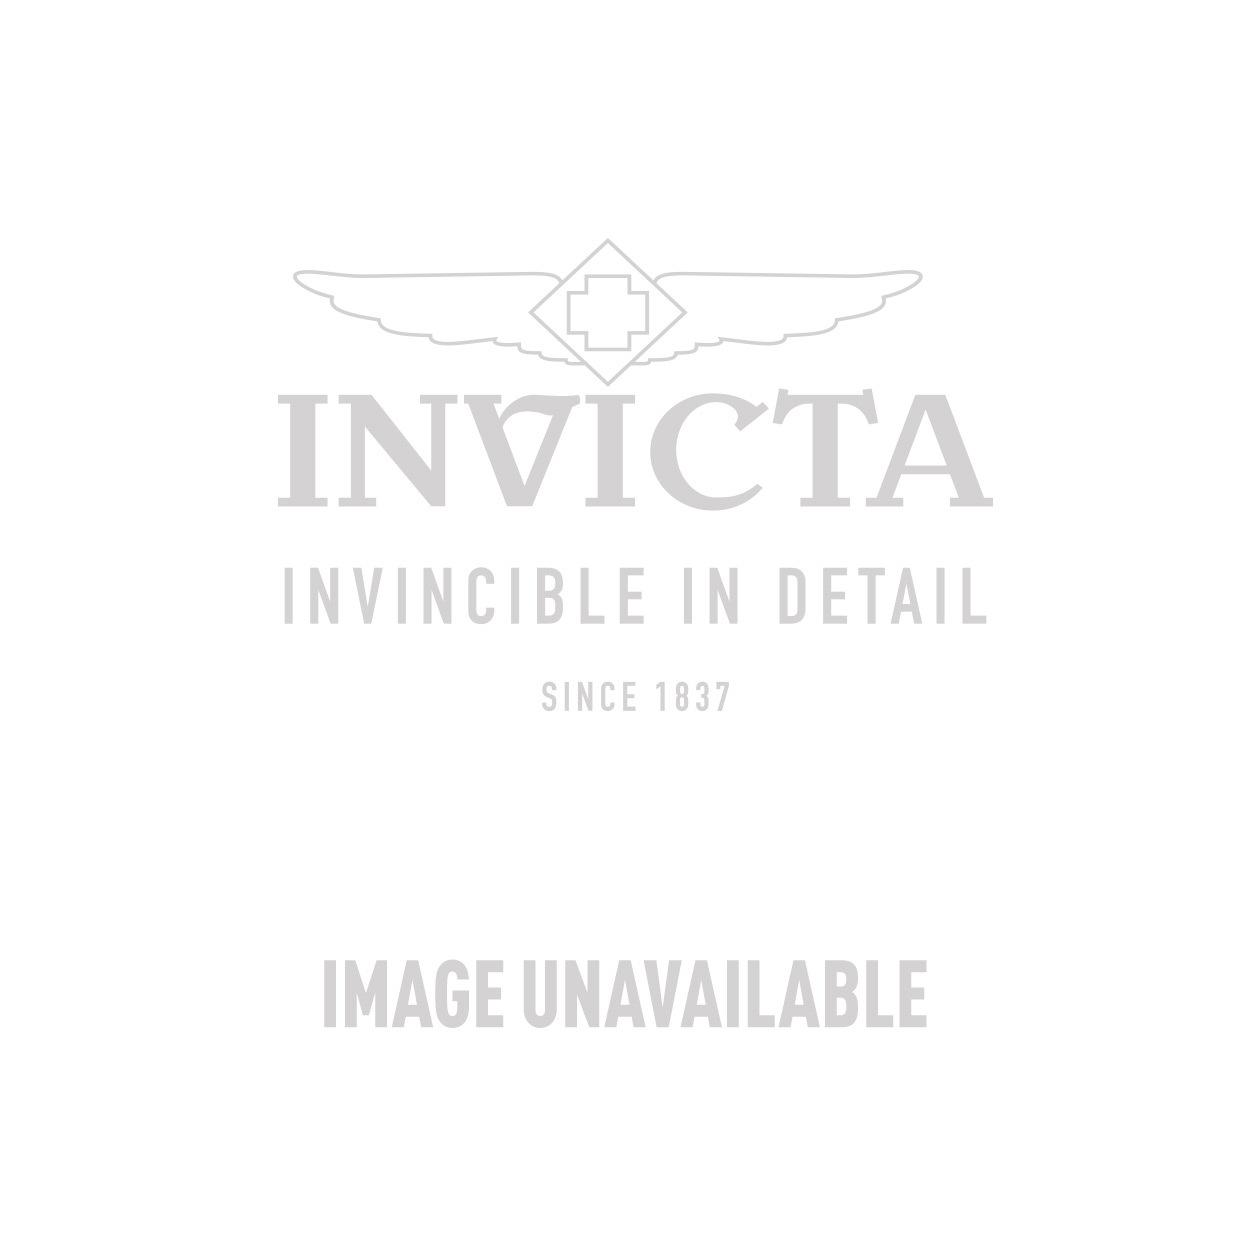 Invicta Model 24890